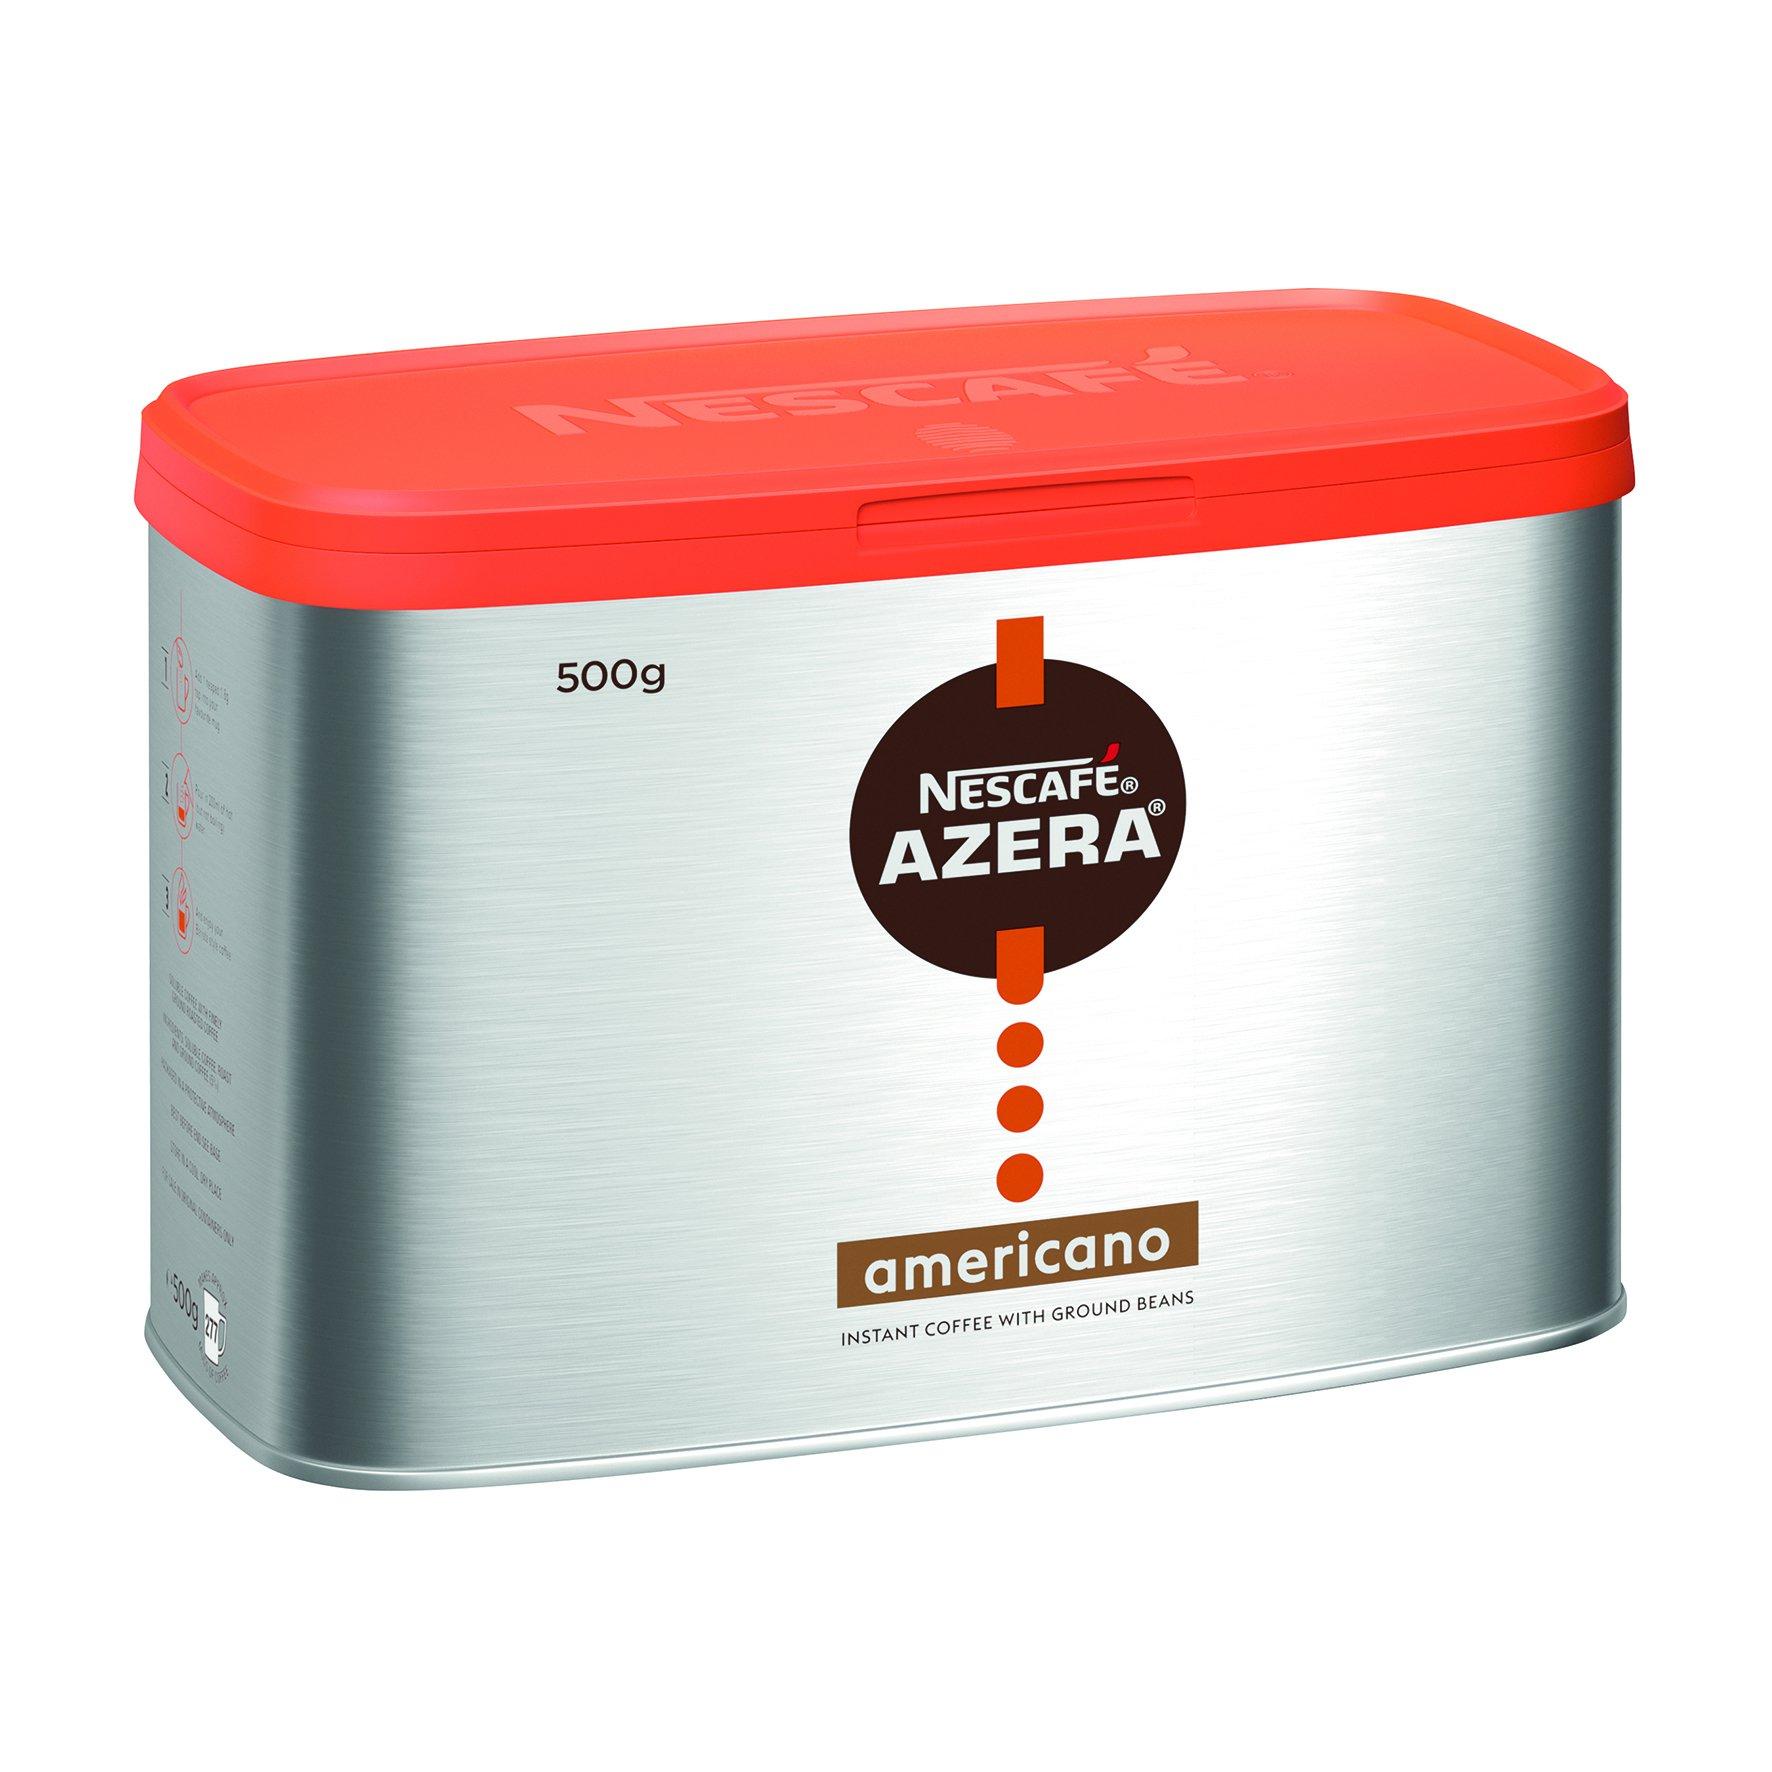 NESCAFE Azera Americano Barista Style Coffee 500g